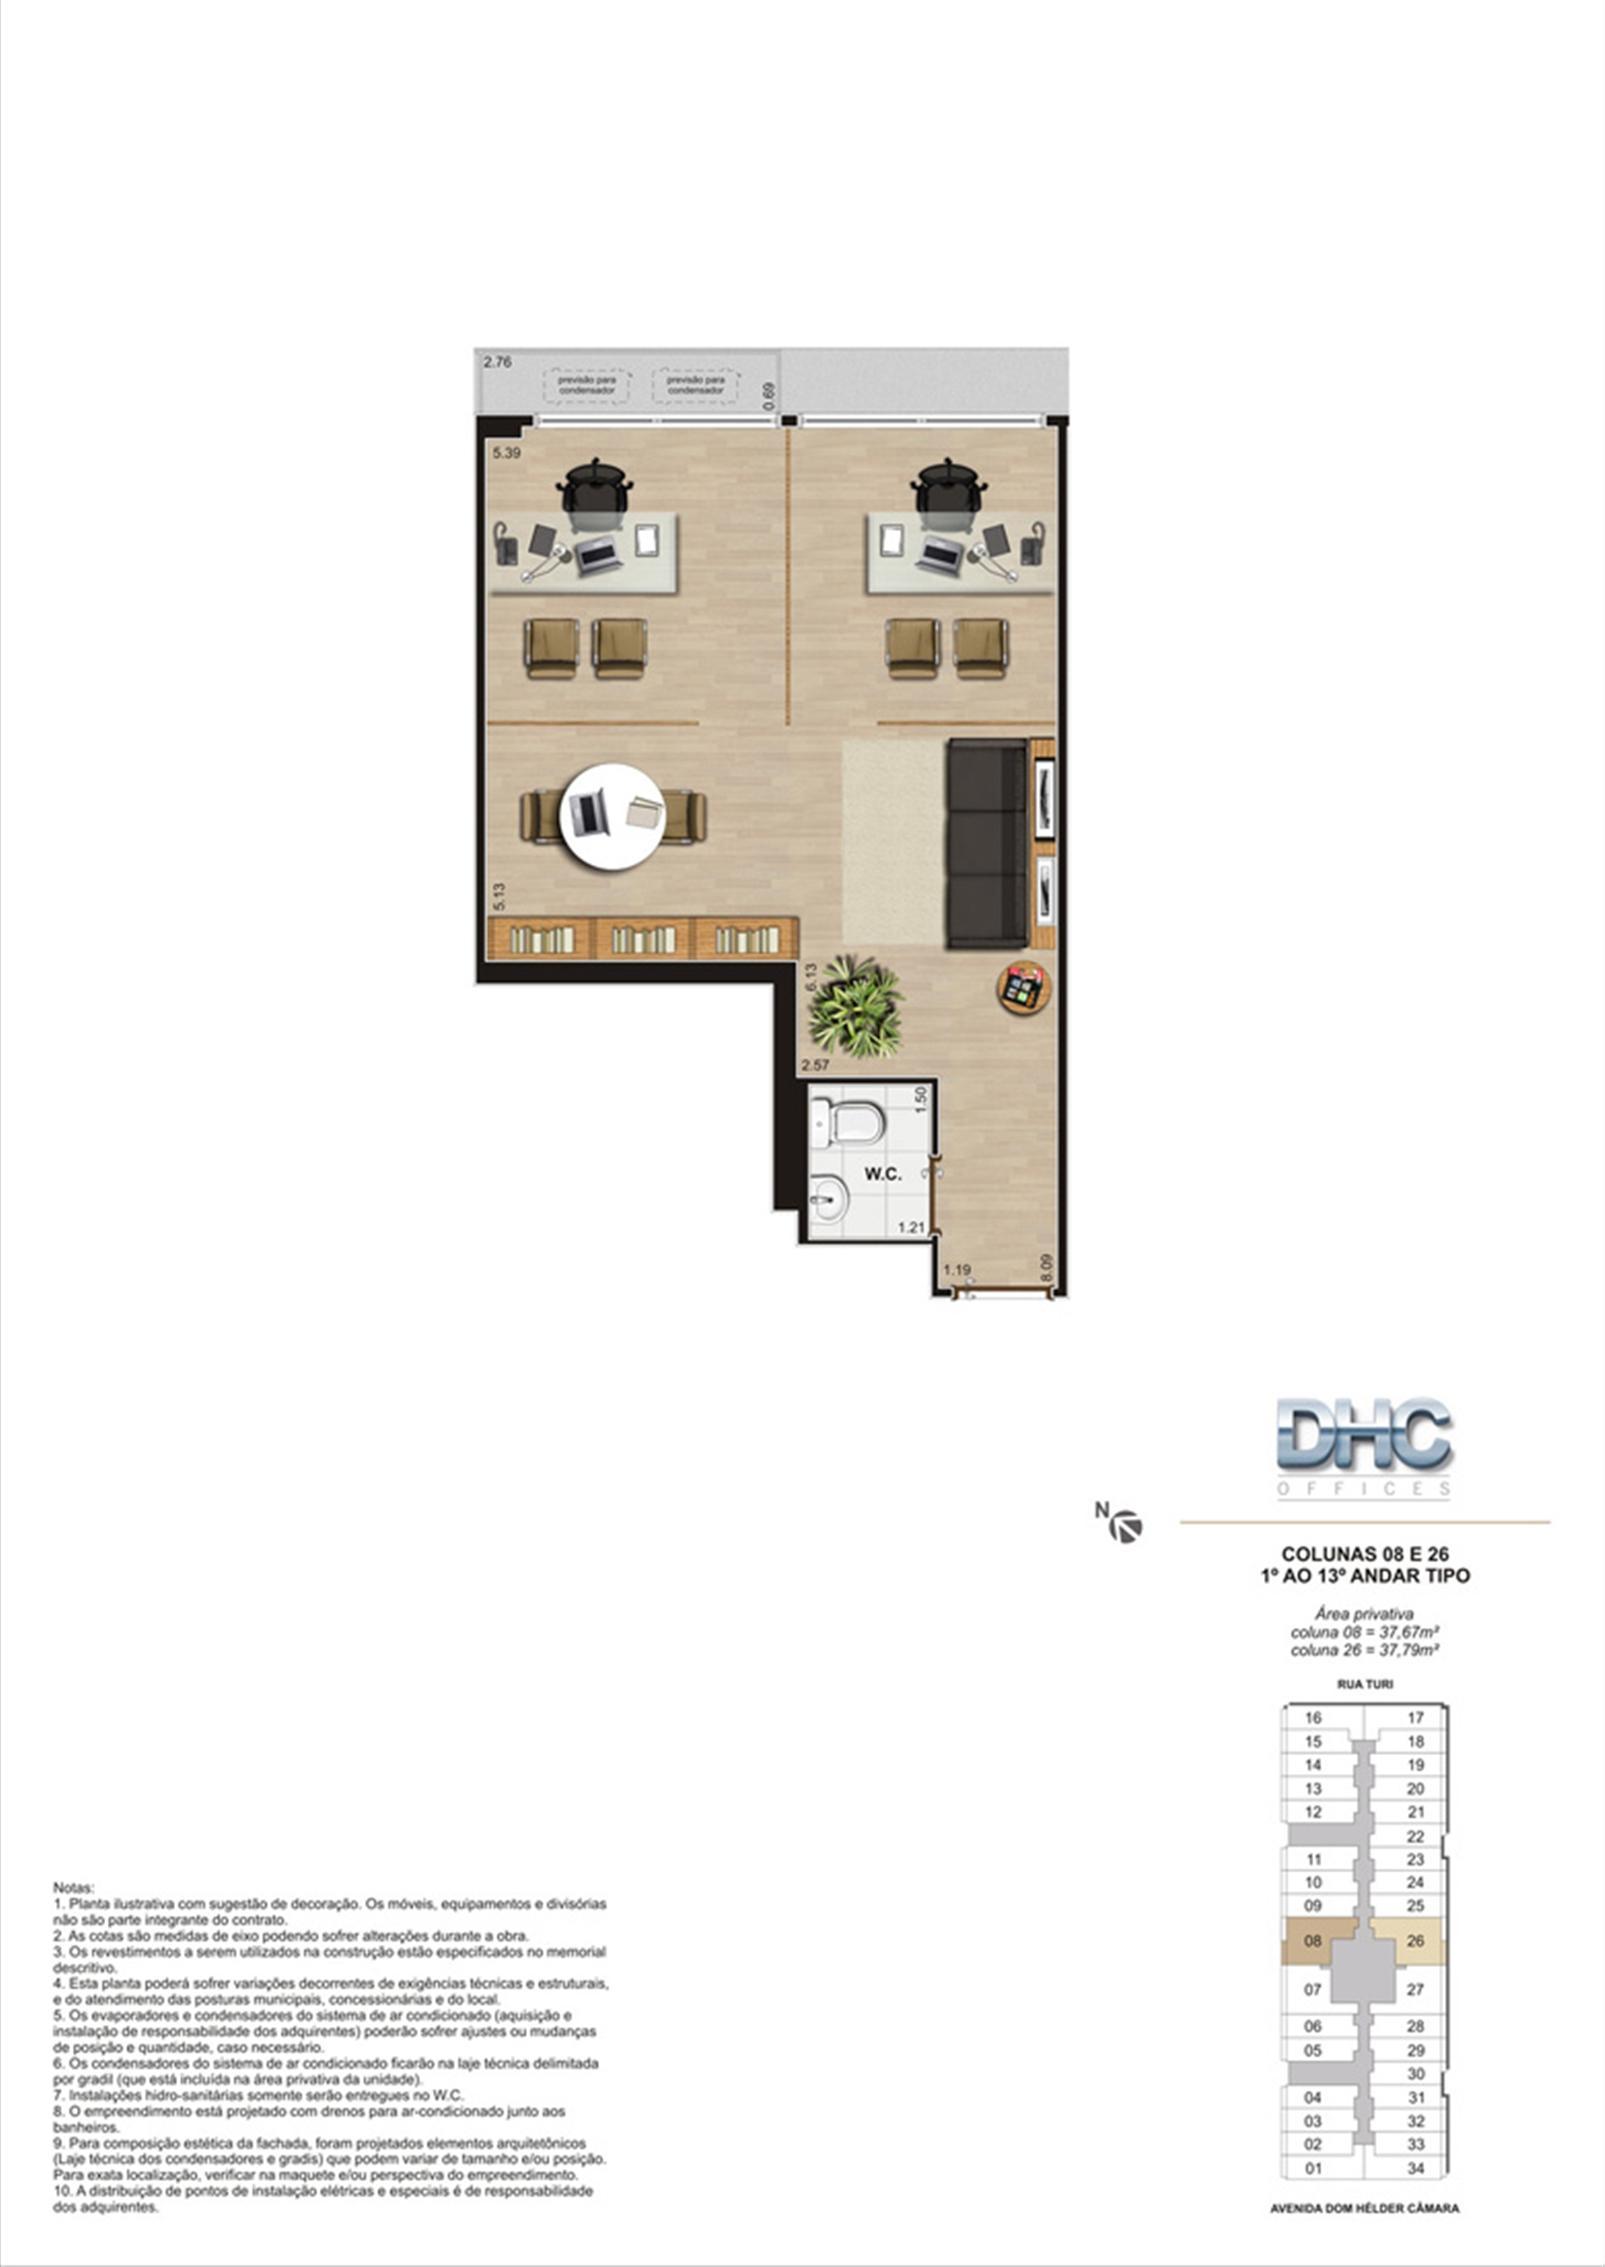 Colunas 08 e 26 -1° ao 13º andar tipo | DHC Offices – Salas Comerciaisem  Pilares - Rio de Janeiro - Rio de Janeiro